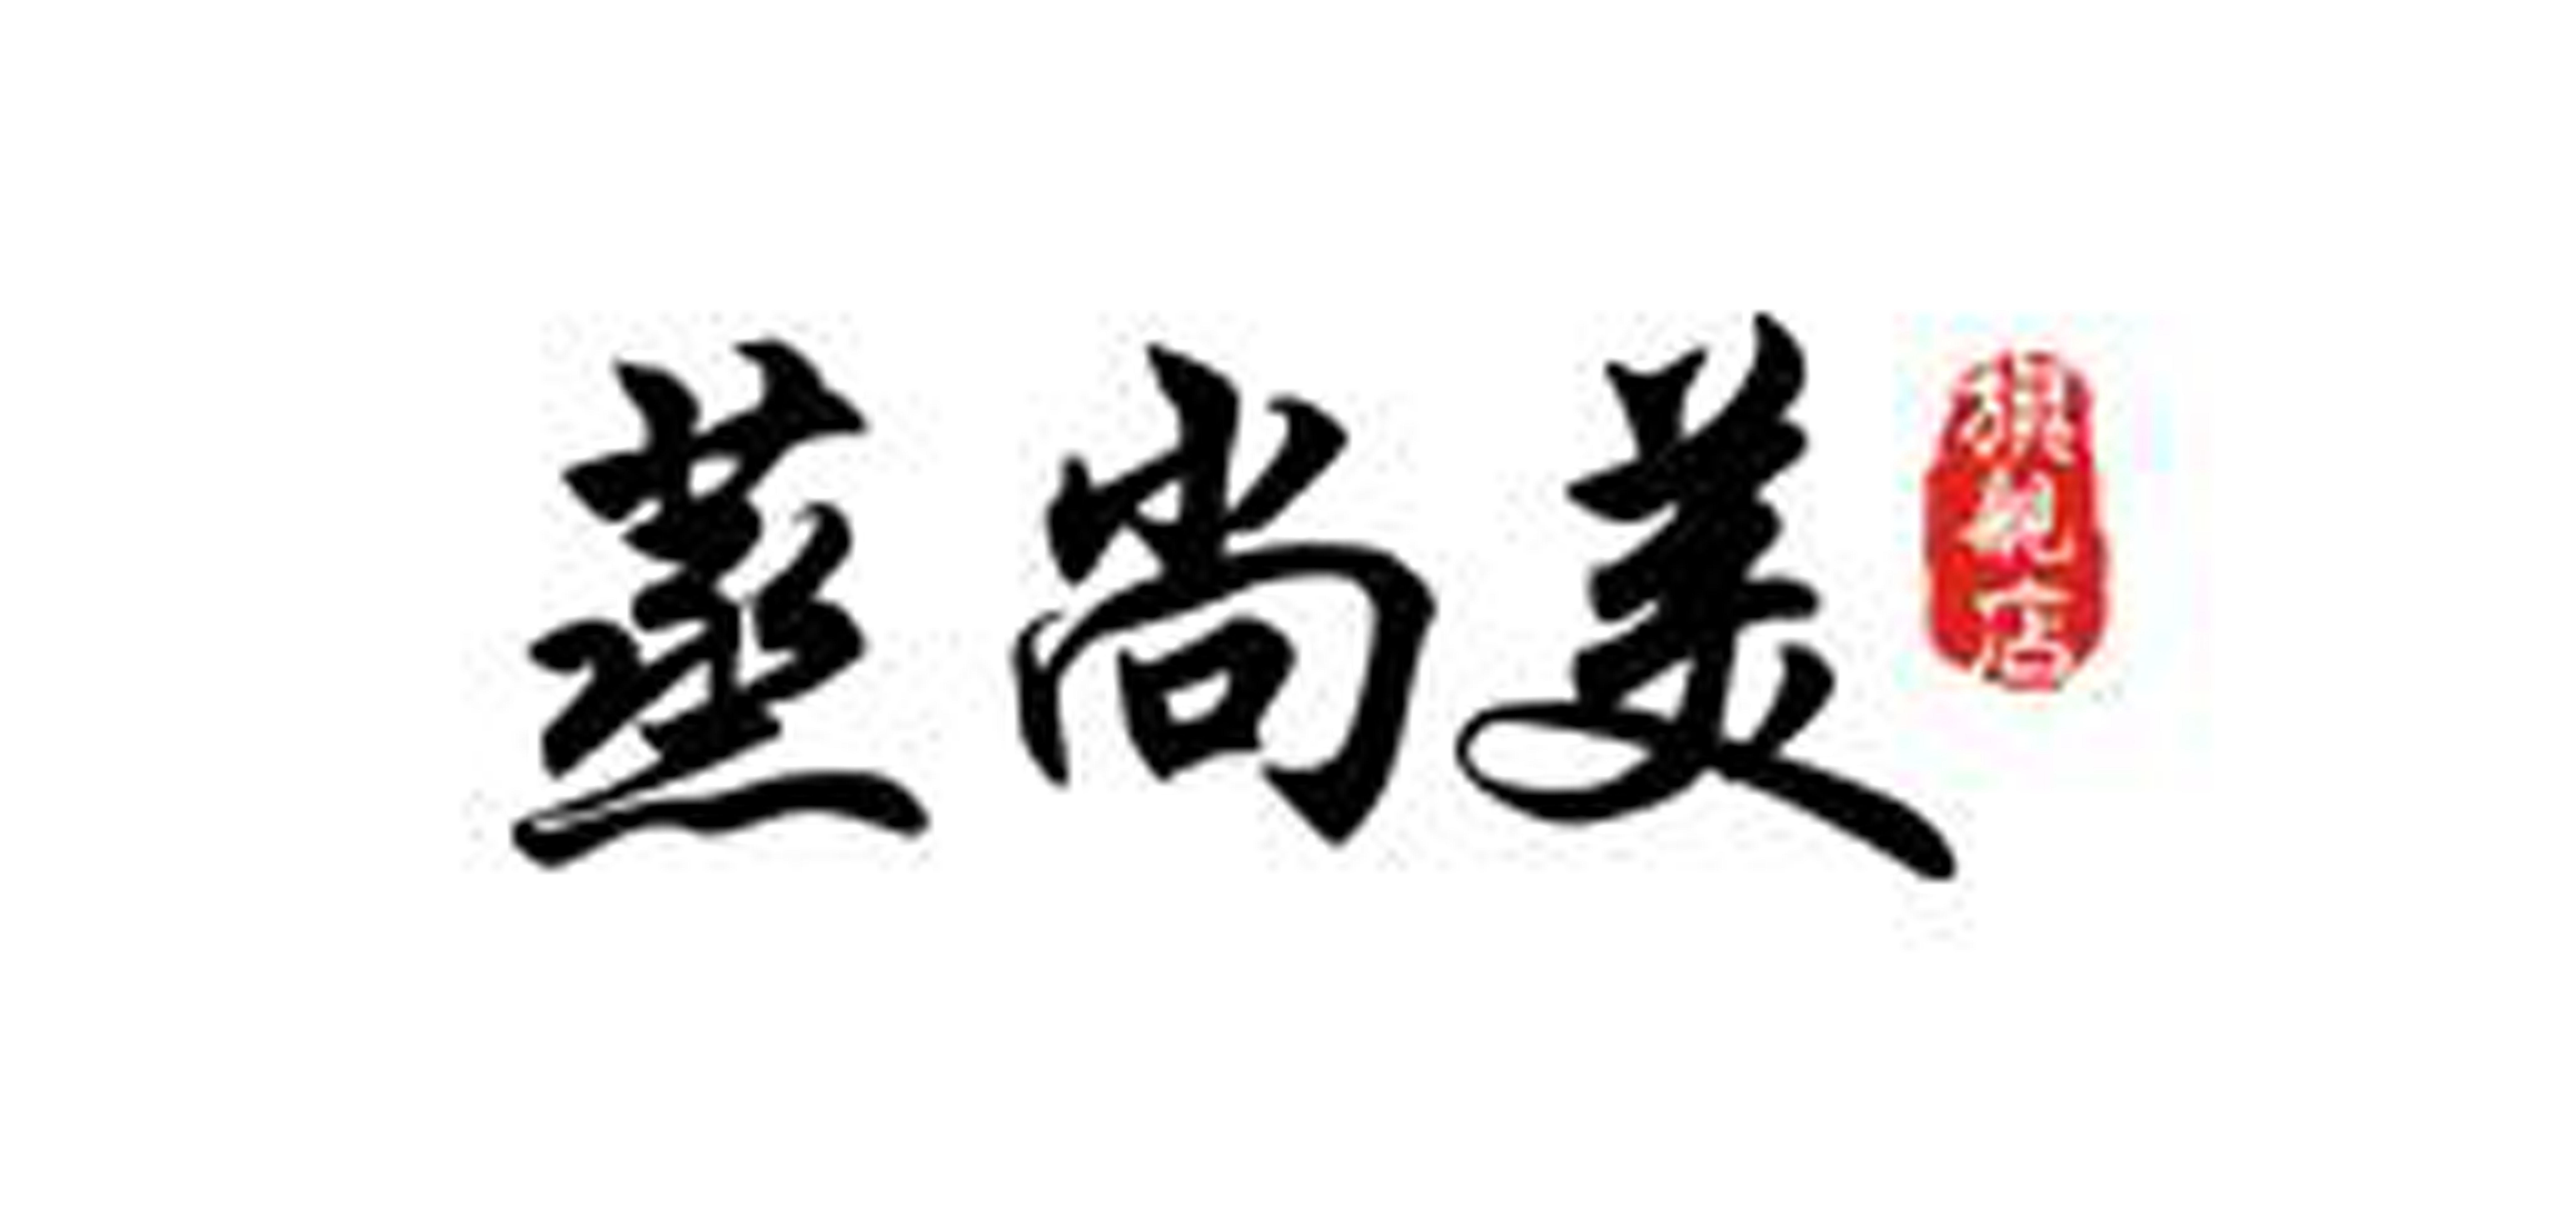 蒸尚美牛排标志logo设计